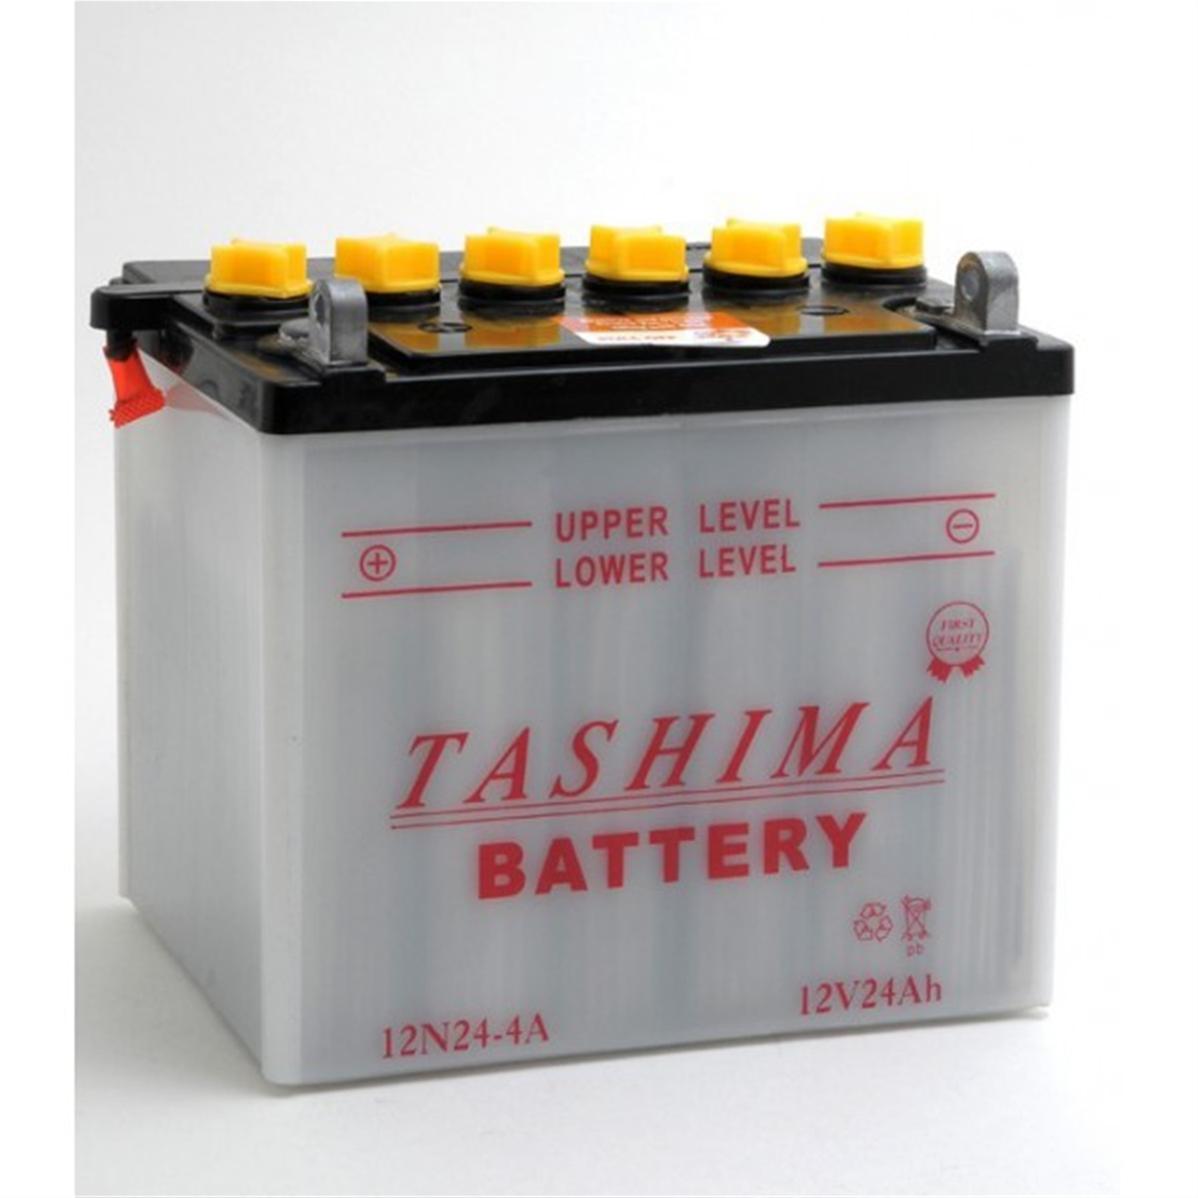 batterie de tondeuse autoport e 12n24 4 gauche